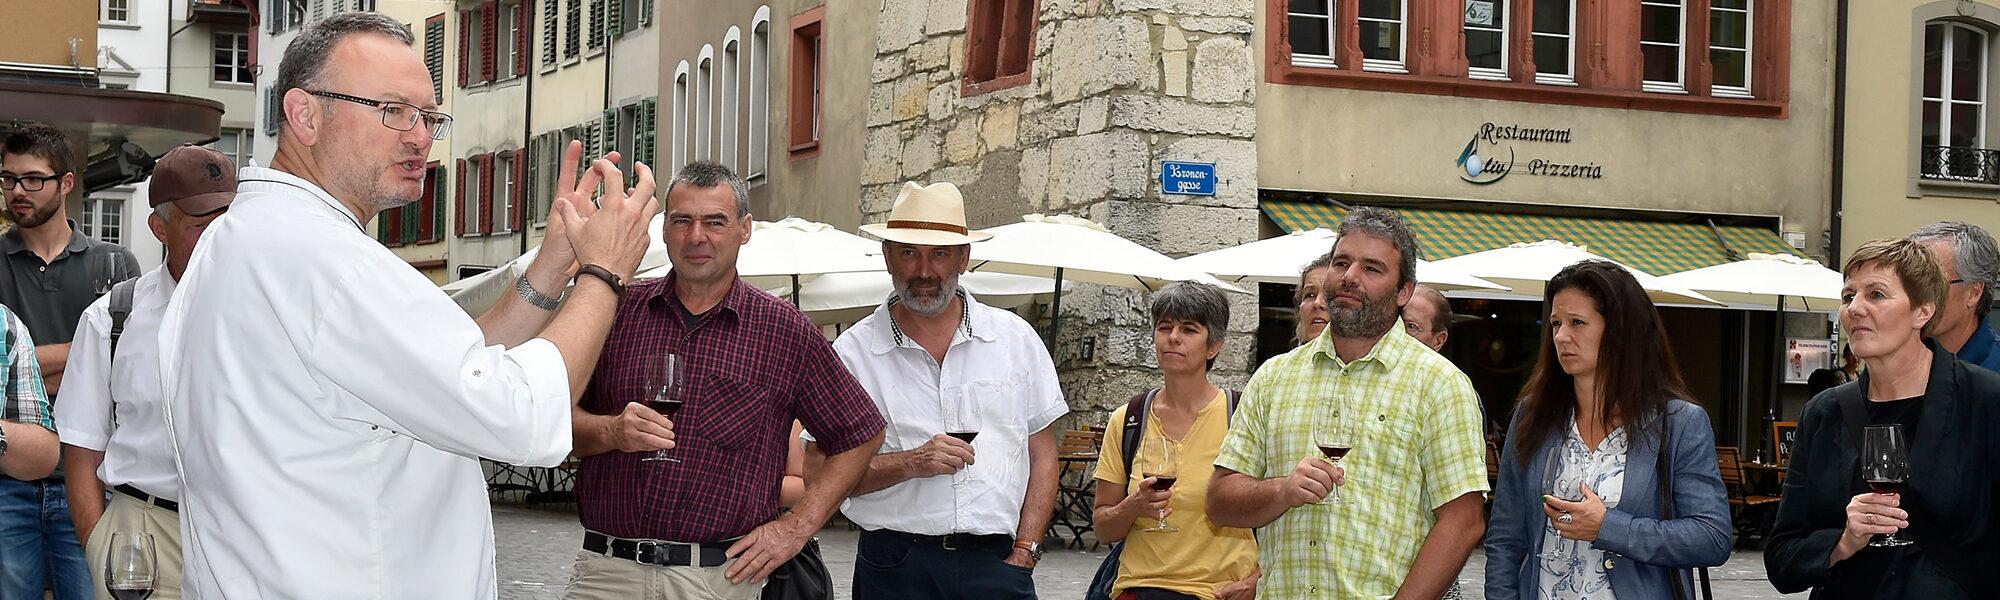 Der kulinarische Altstadtrundgang